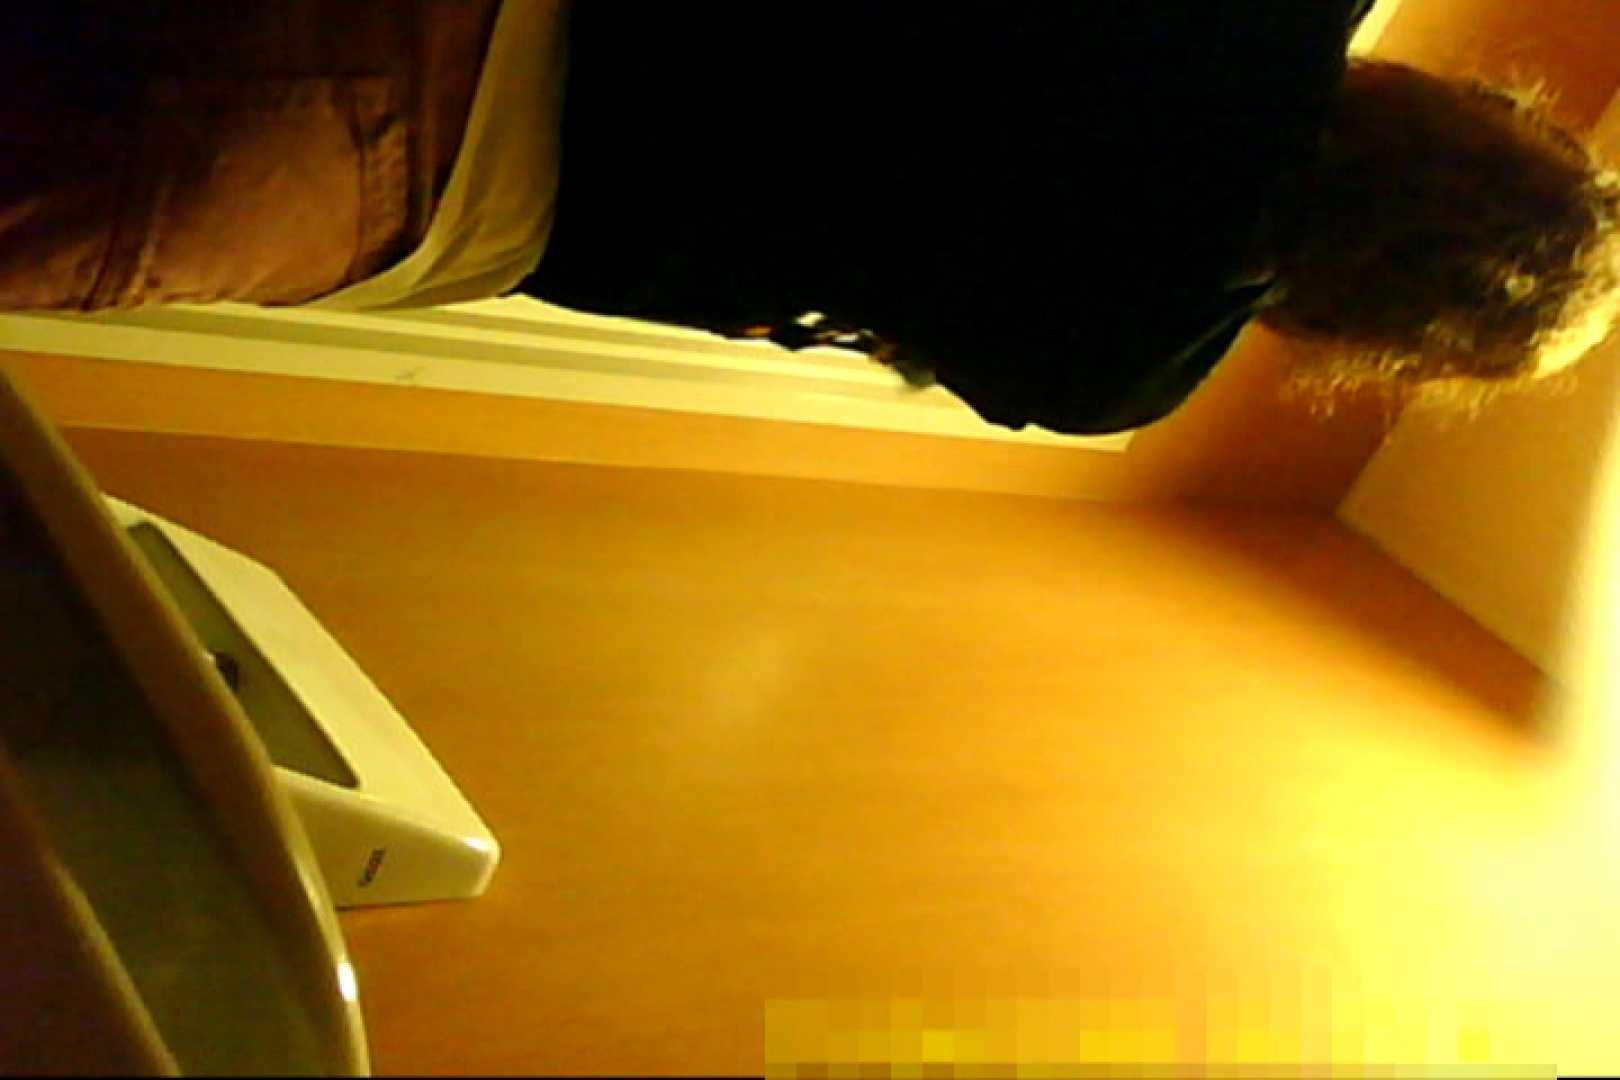 魅惑の化粧室~禁断のプライベート空間~30 プライベート映像  108pic 90